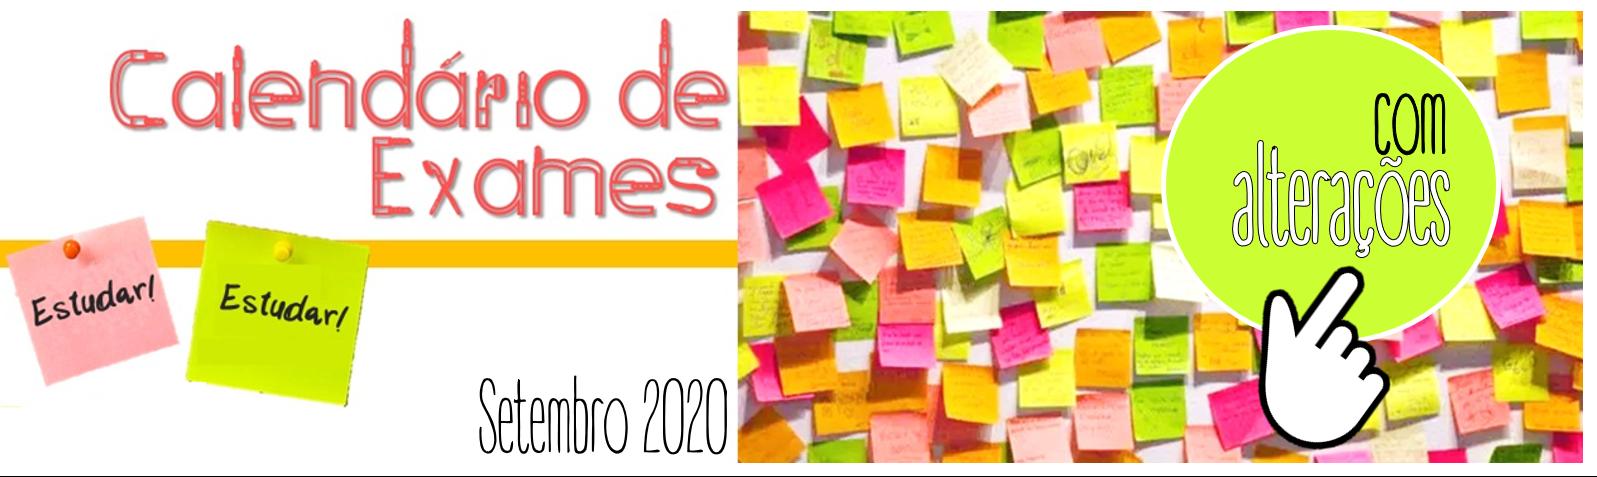 Calendário de Exames setembro 2020 (com alterações a 03 -09-2020)